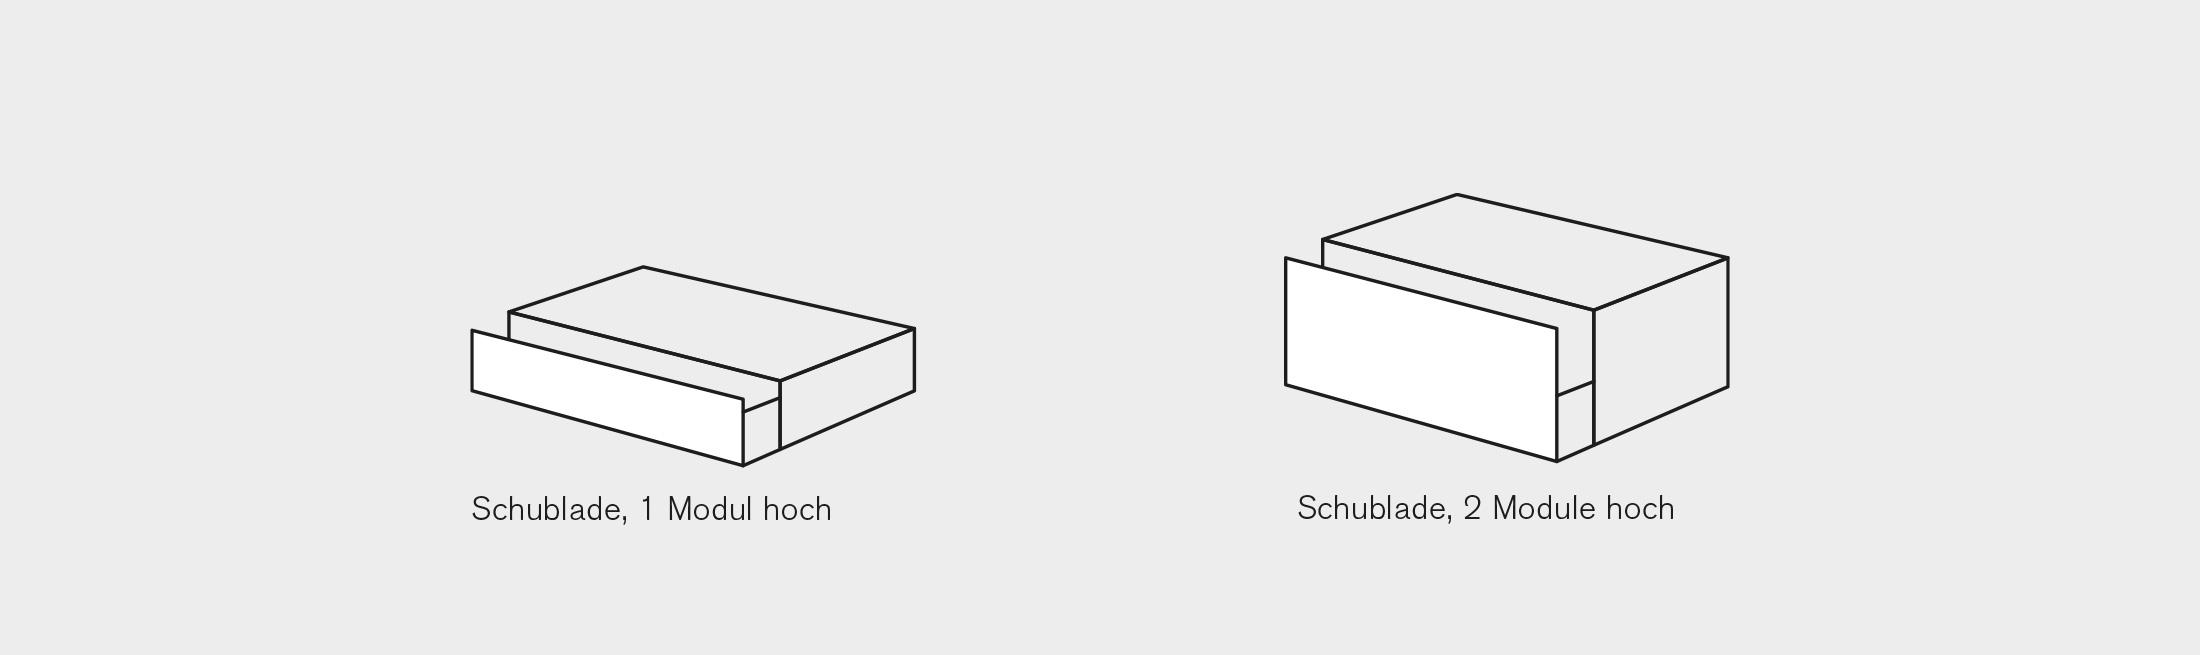 BARD AG   Modul-System   Schubladen Grösse 2